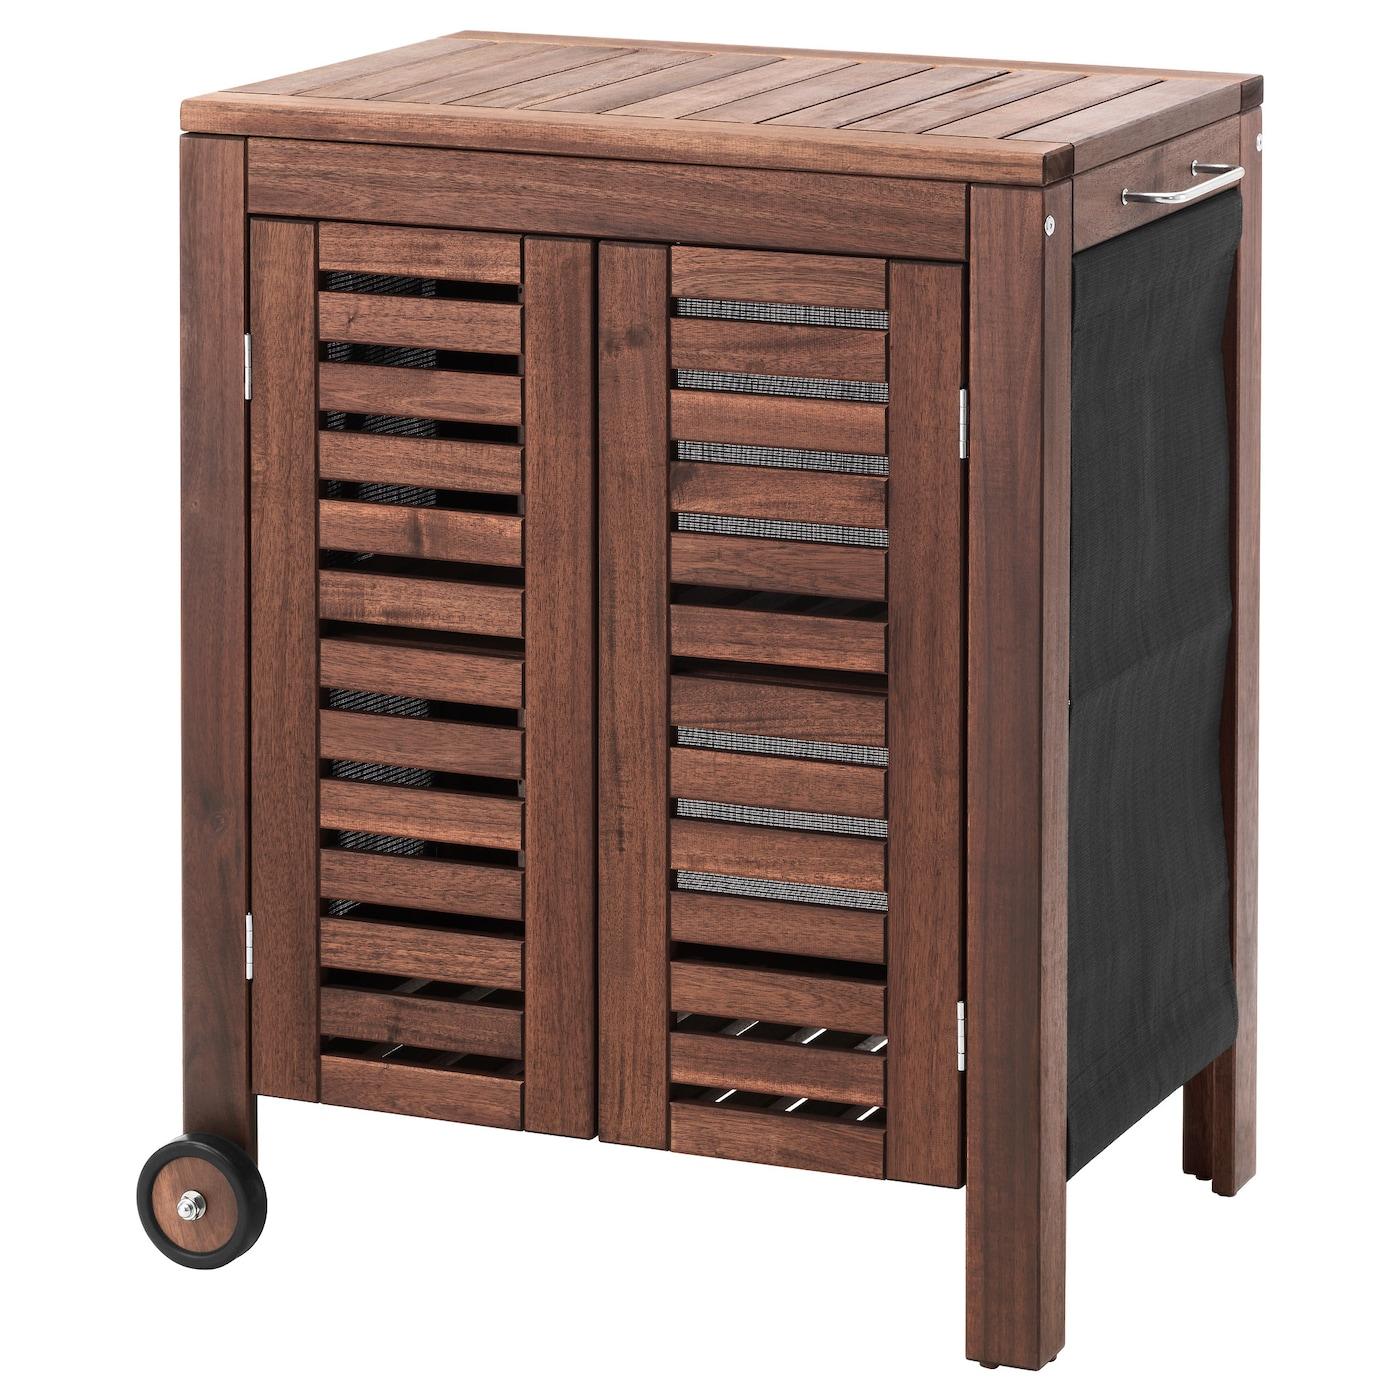 Gartenmöbel & Balkonmöbel günstig online kaufen - IKEA